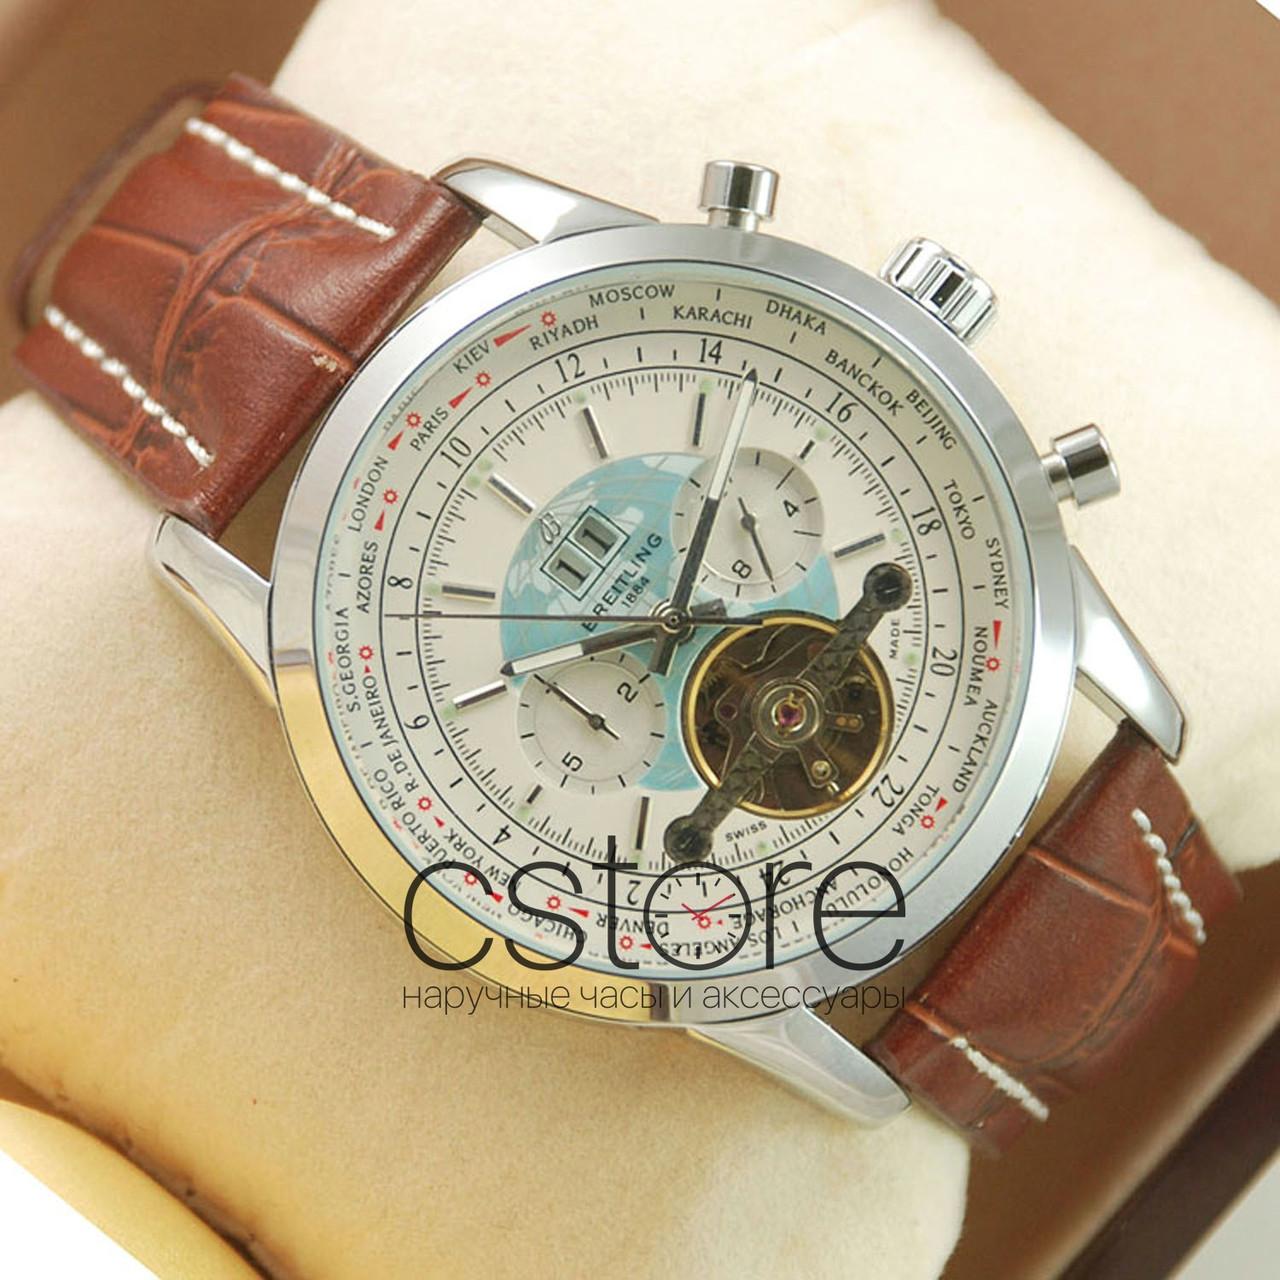 Копии швейцарских часов и брендовых аксессуаров в магазине Swiss Watch